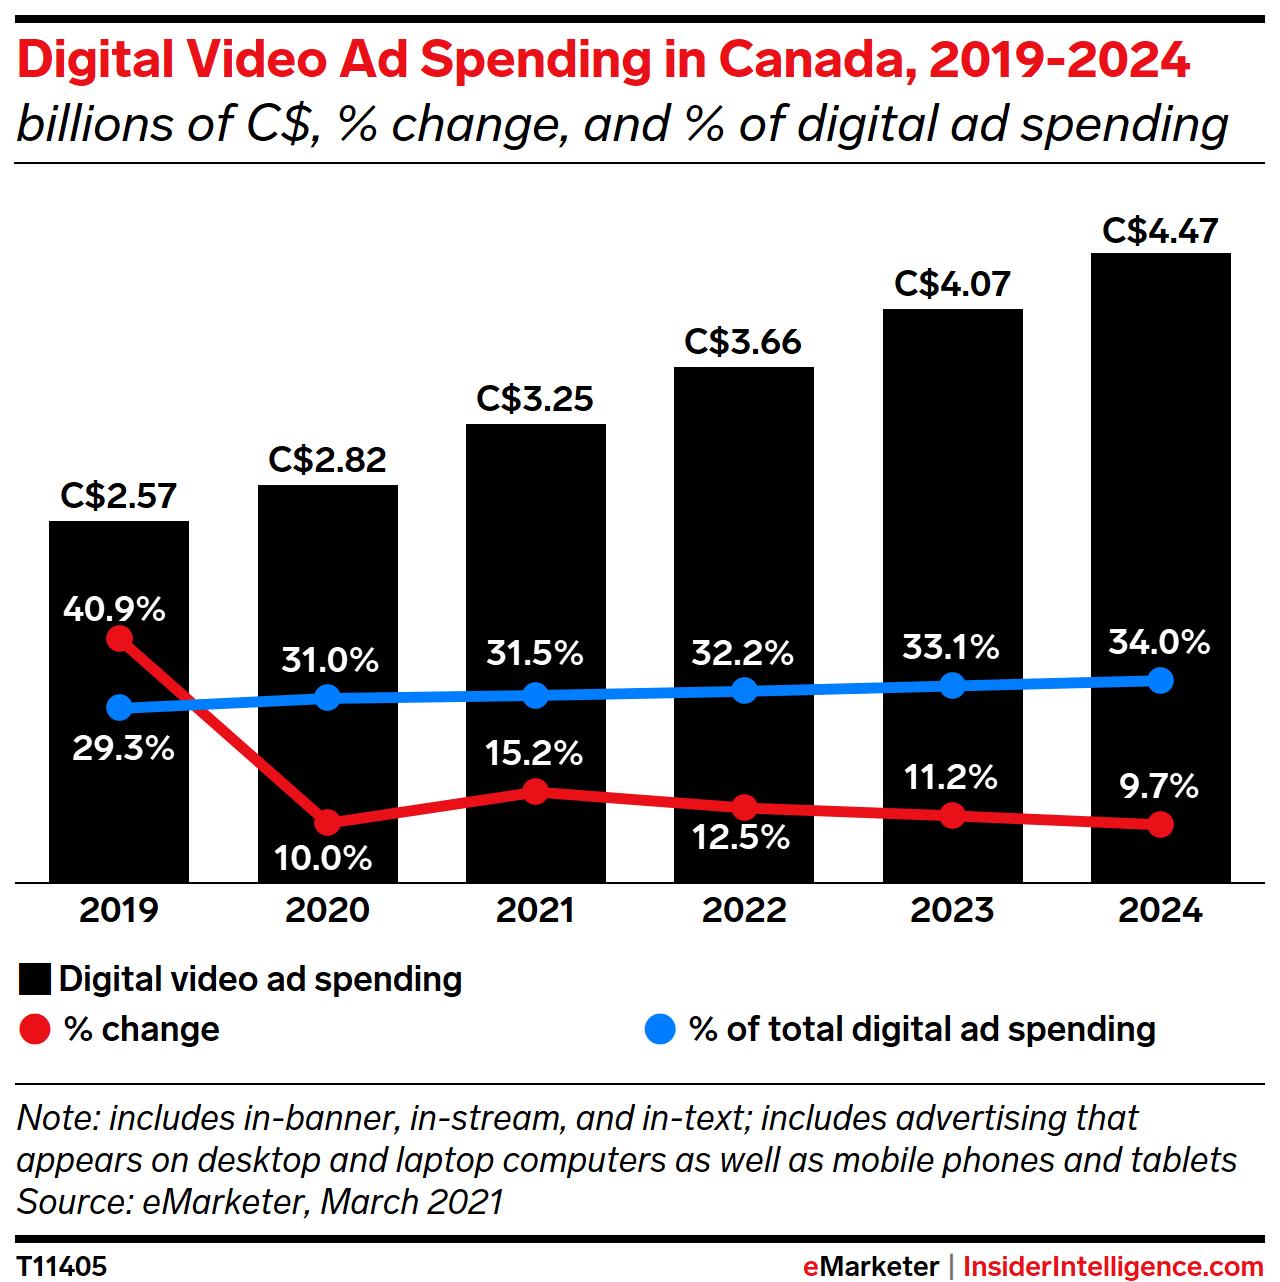 Digital Video Ad Spend in Canada